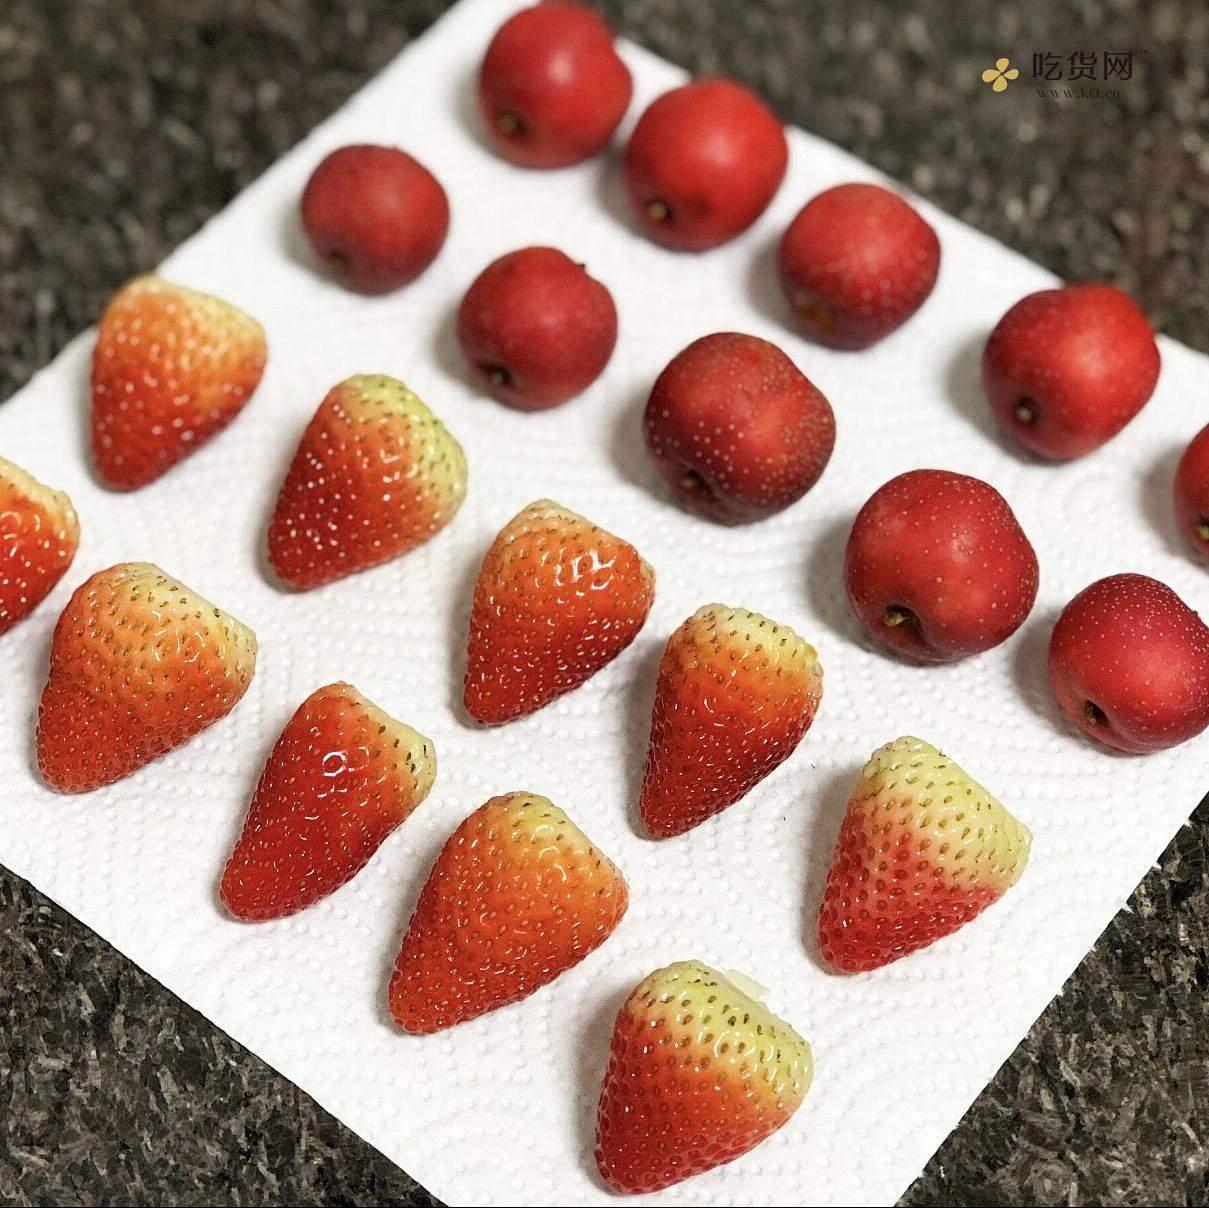 冰糖葫芦&草莓的做法 步骤1